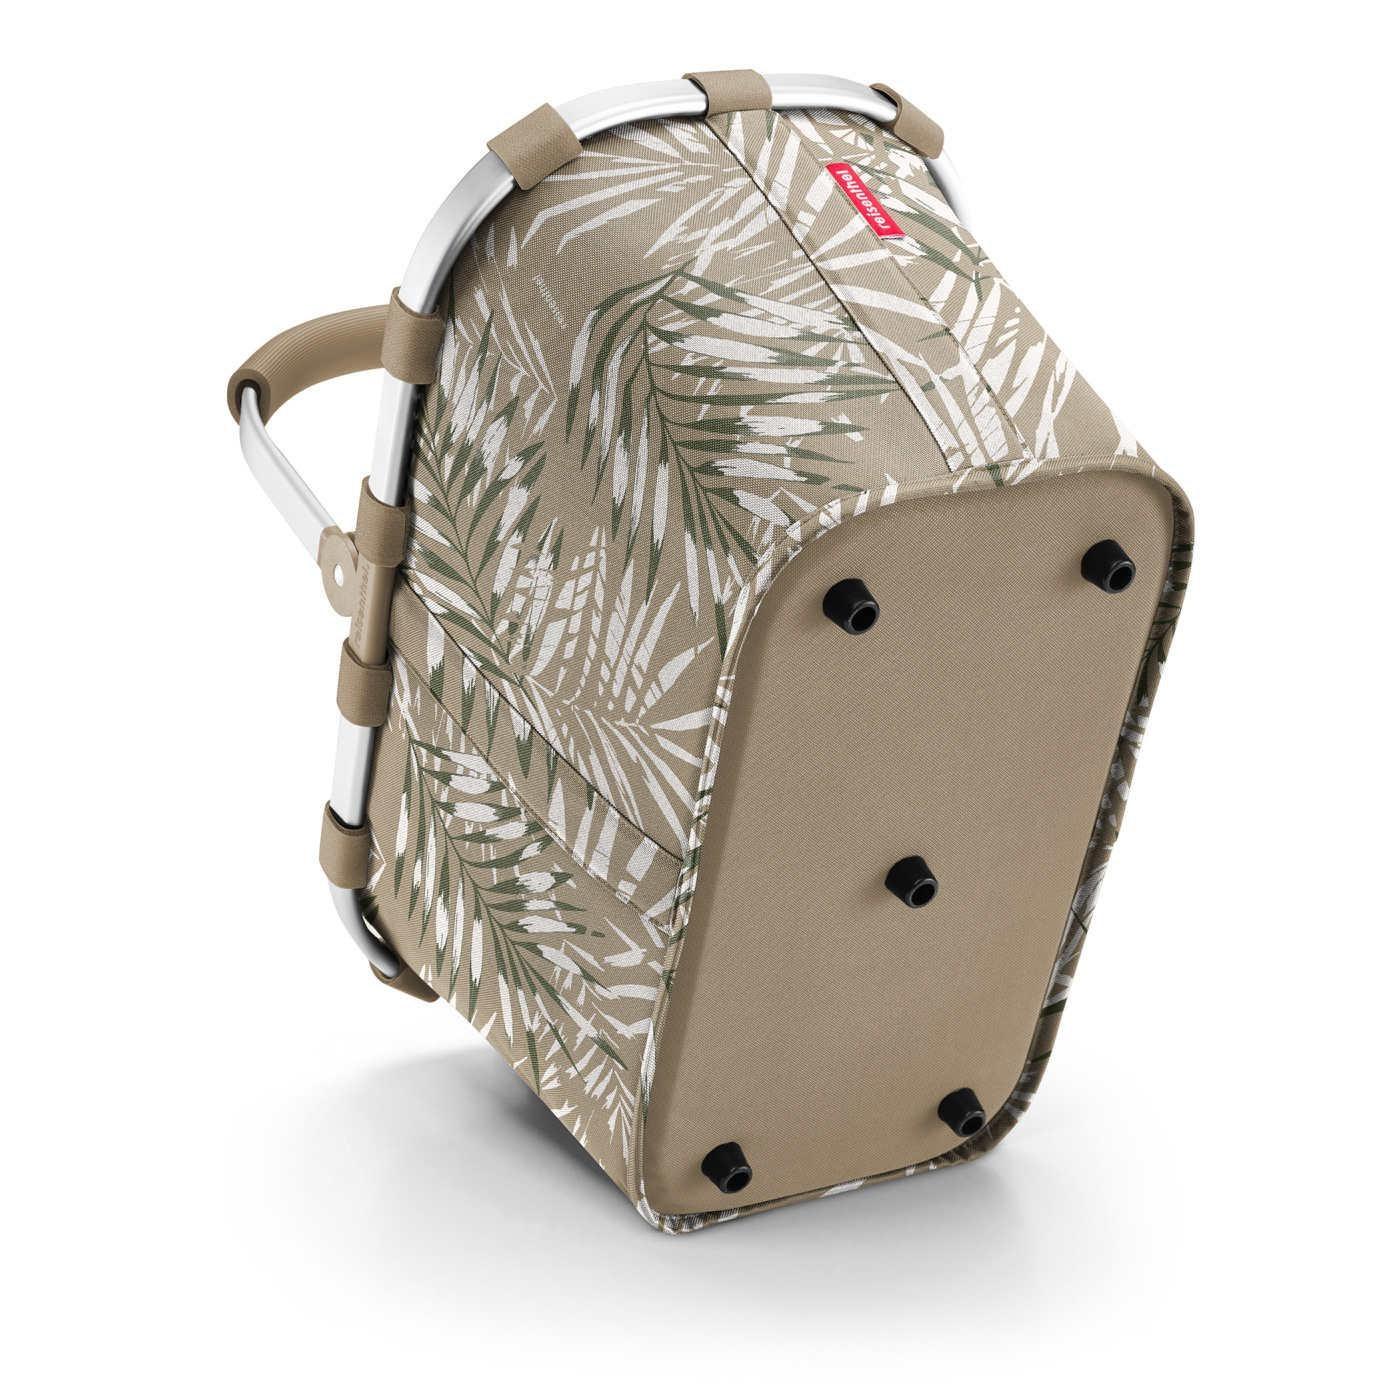 Nákupní košík Carrybag jungle sand_0